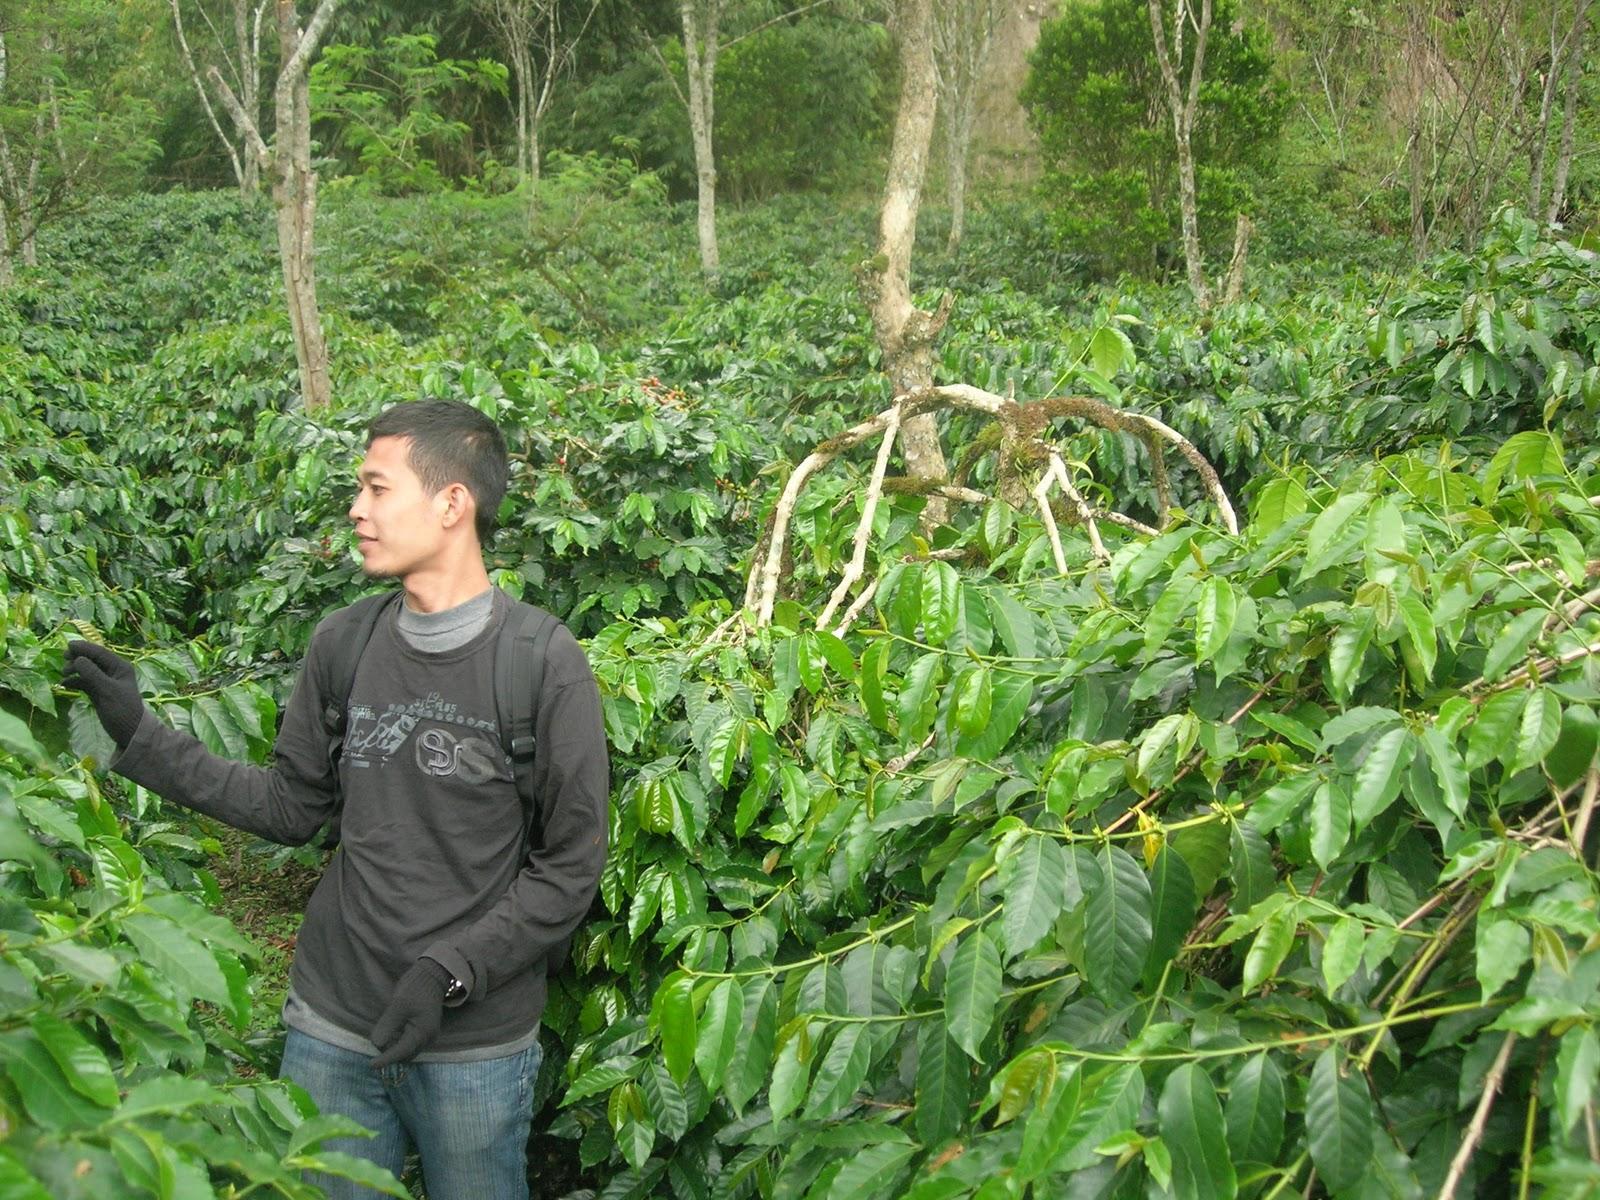 Perkebunan kopi bener meriah (Aceh Tengah)